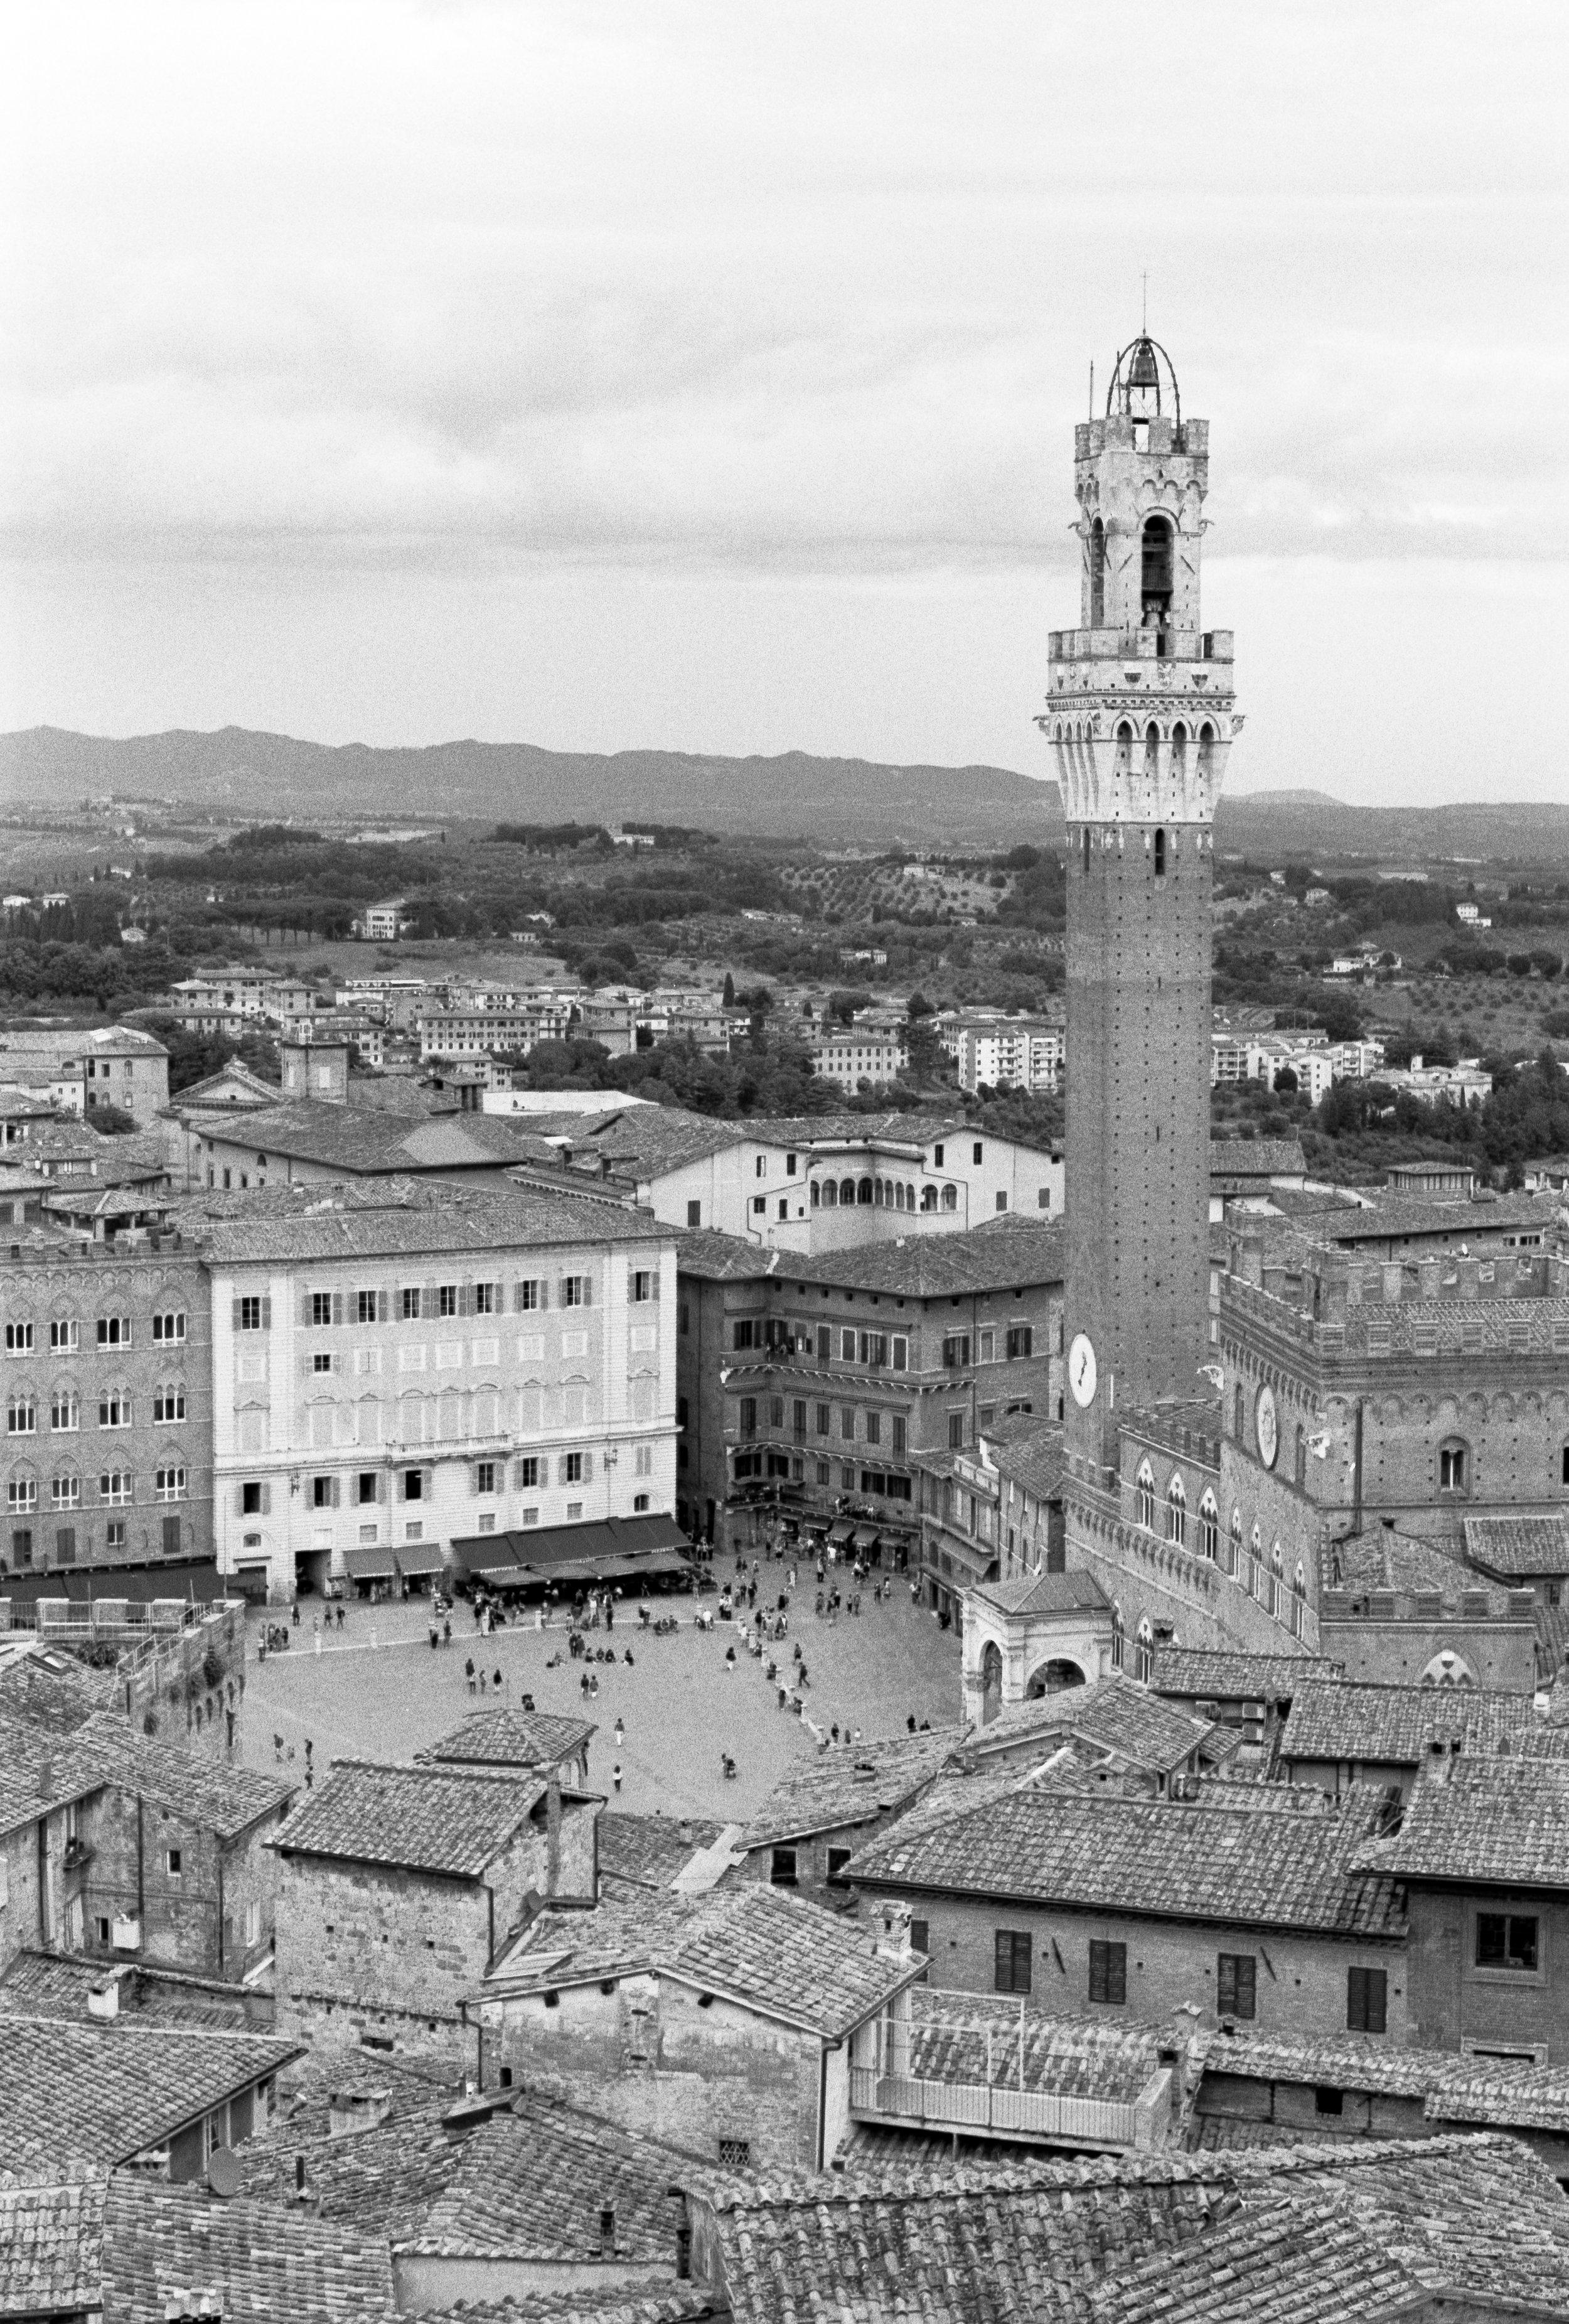 Piazza del Campo, Siena. Italy. 2019.